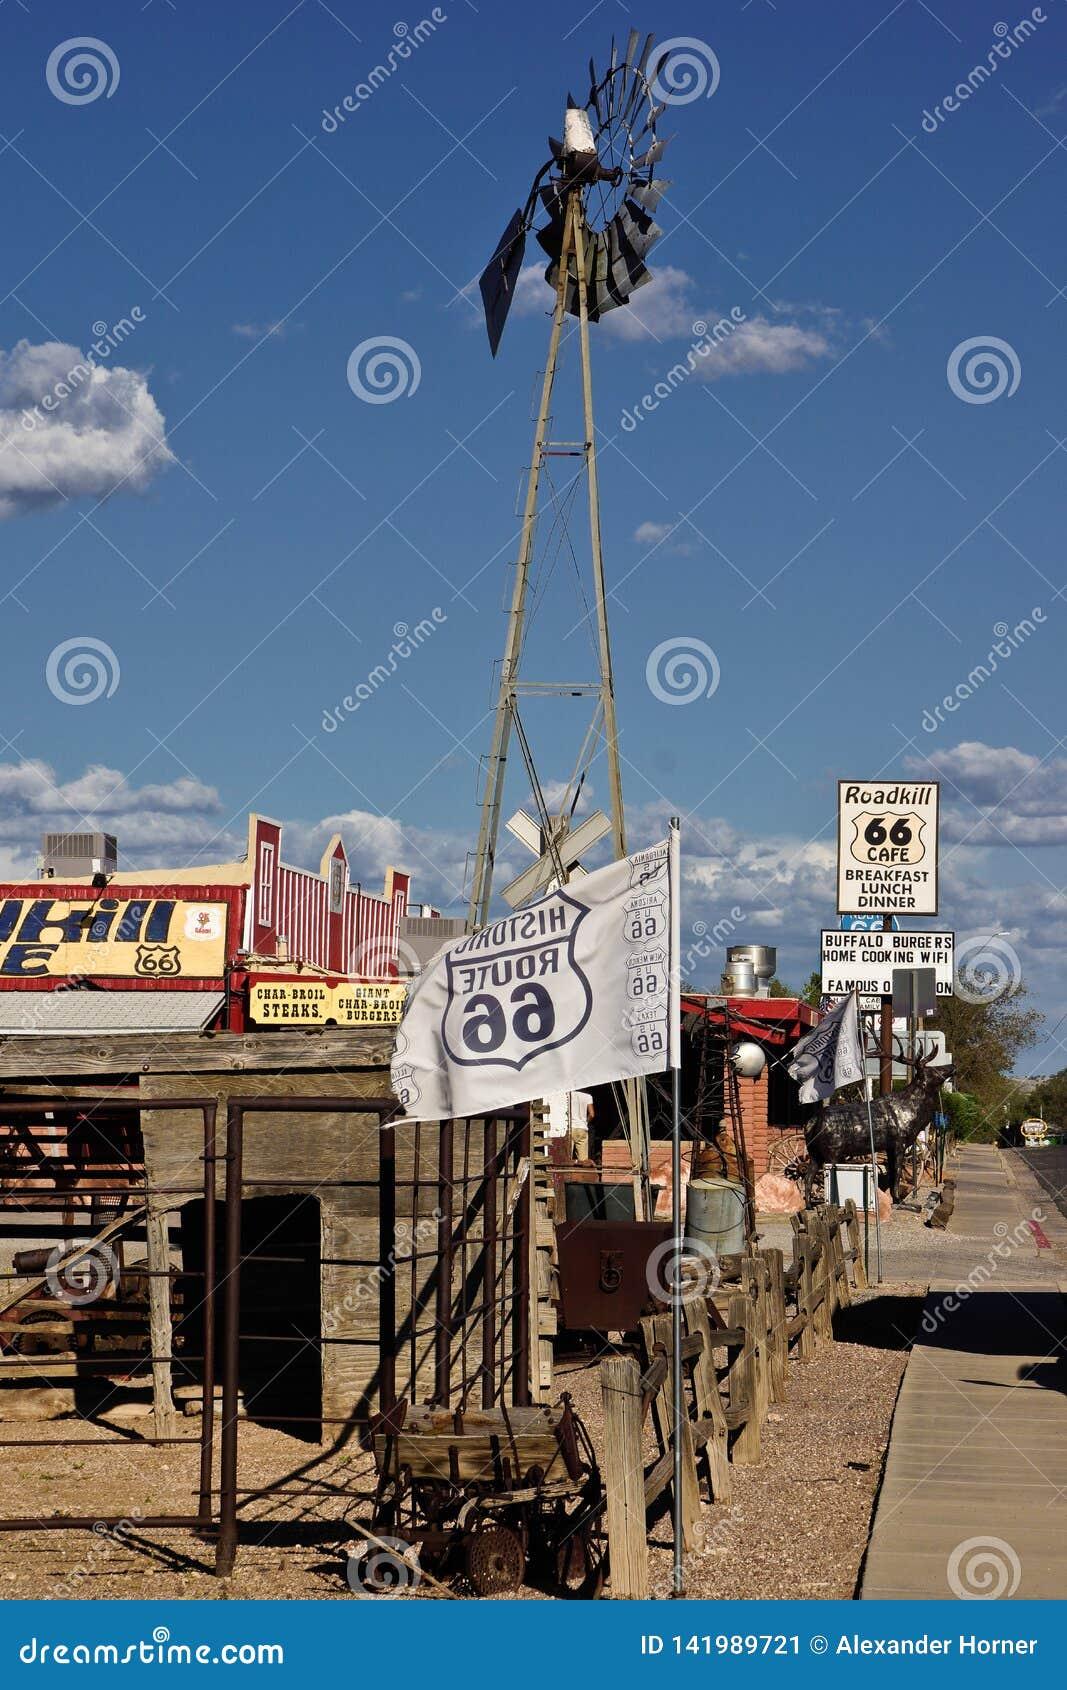 Route 66 -koffiebenzinestation aan de kant van de weg